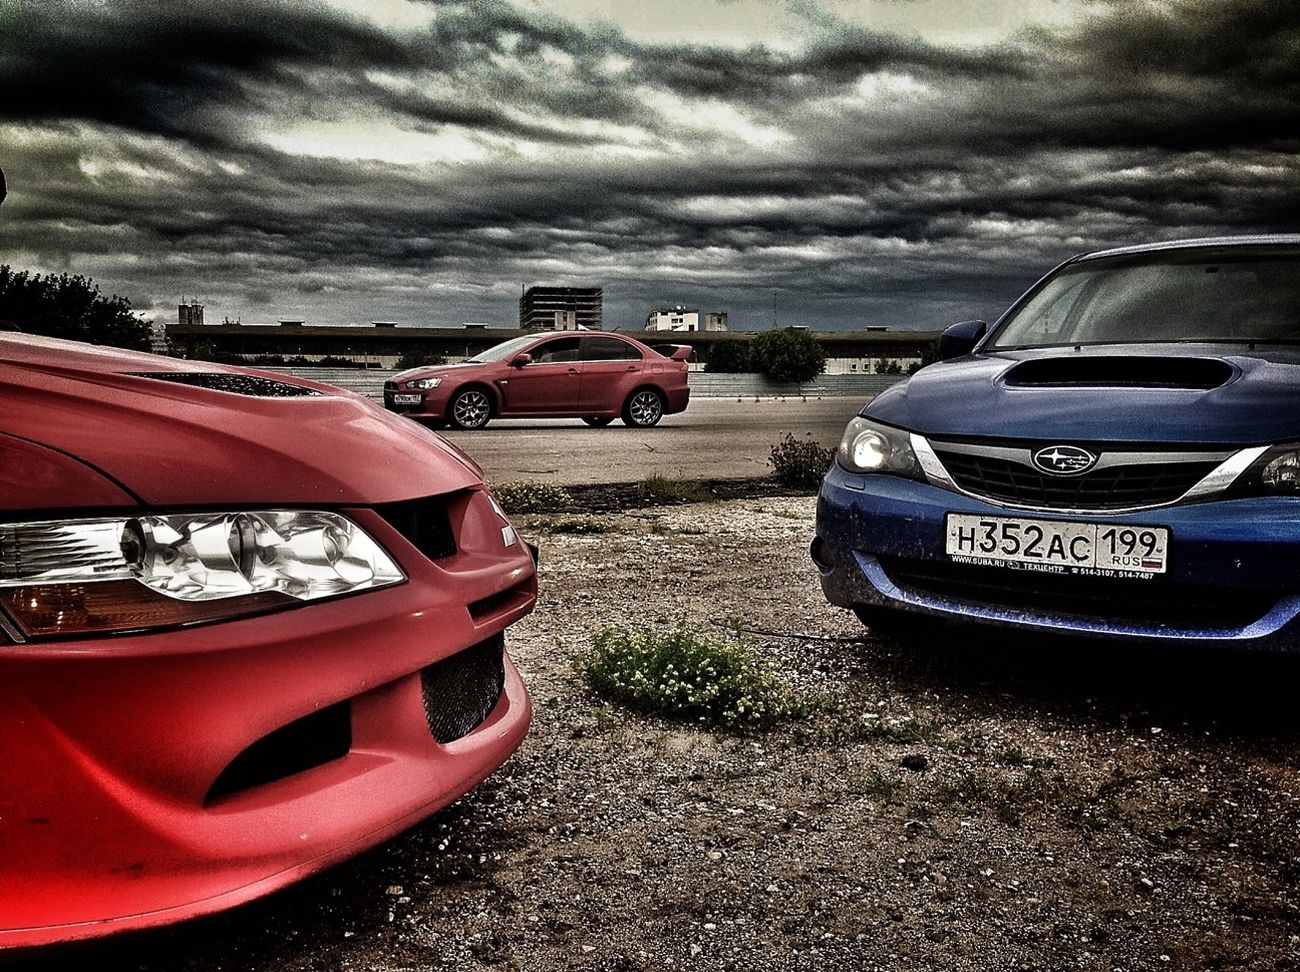 Car Subaru Mitsubishi Evo Evolution Viii